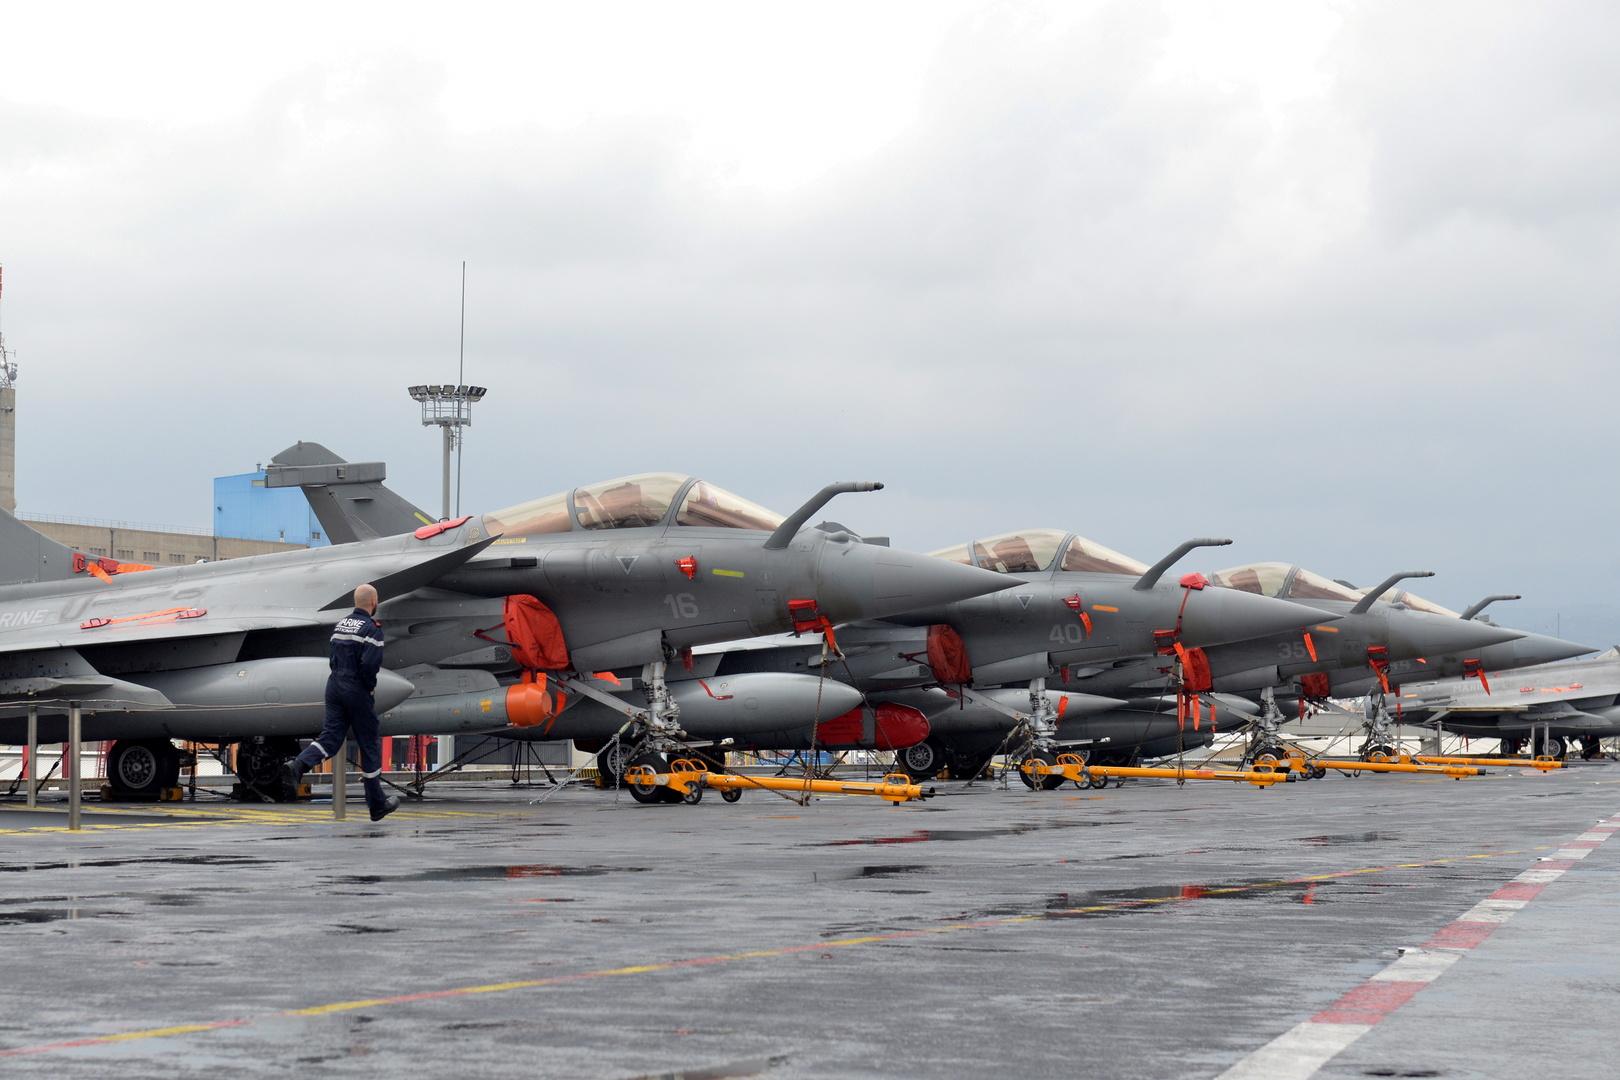 مصر تعلن عن إبرام اتفاق مع فرنسا لشراء 30 مقاتلة من نوع